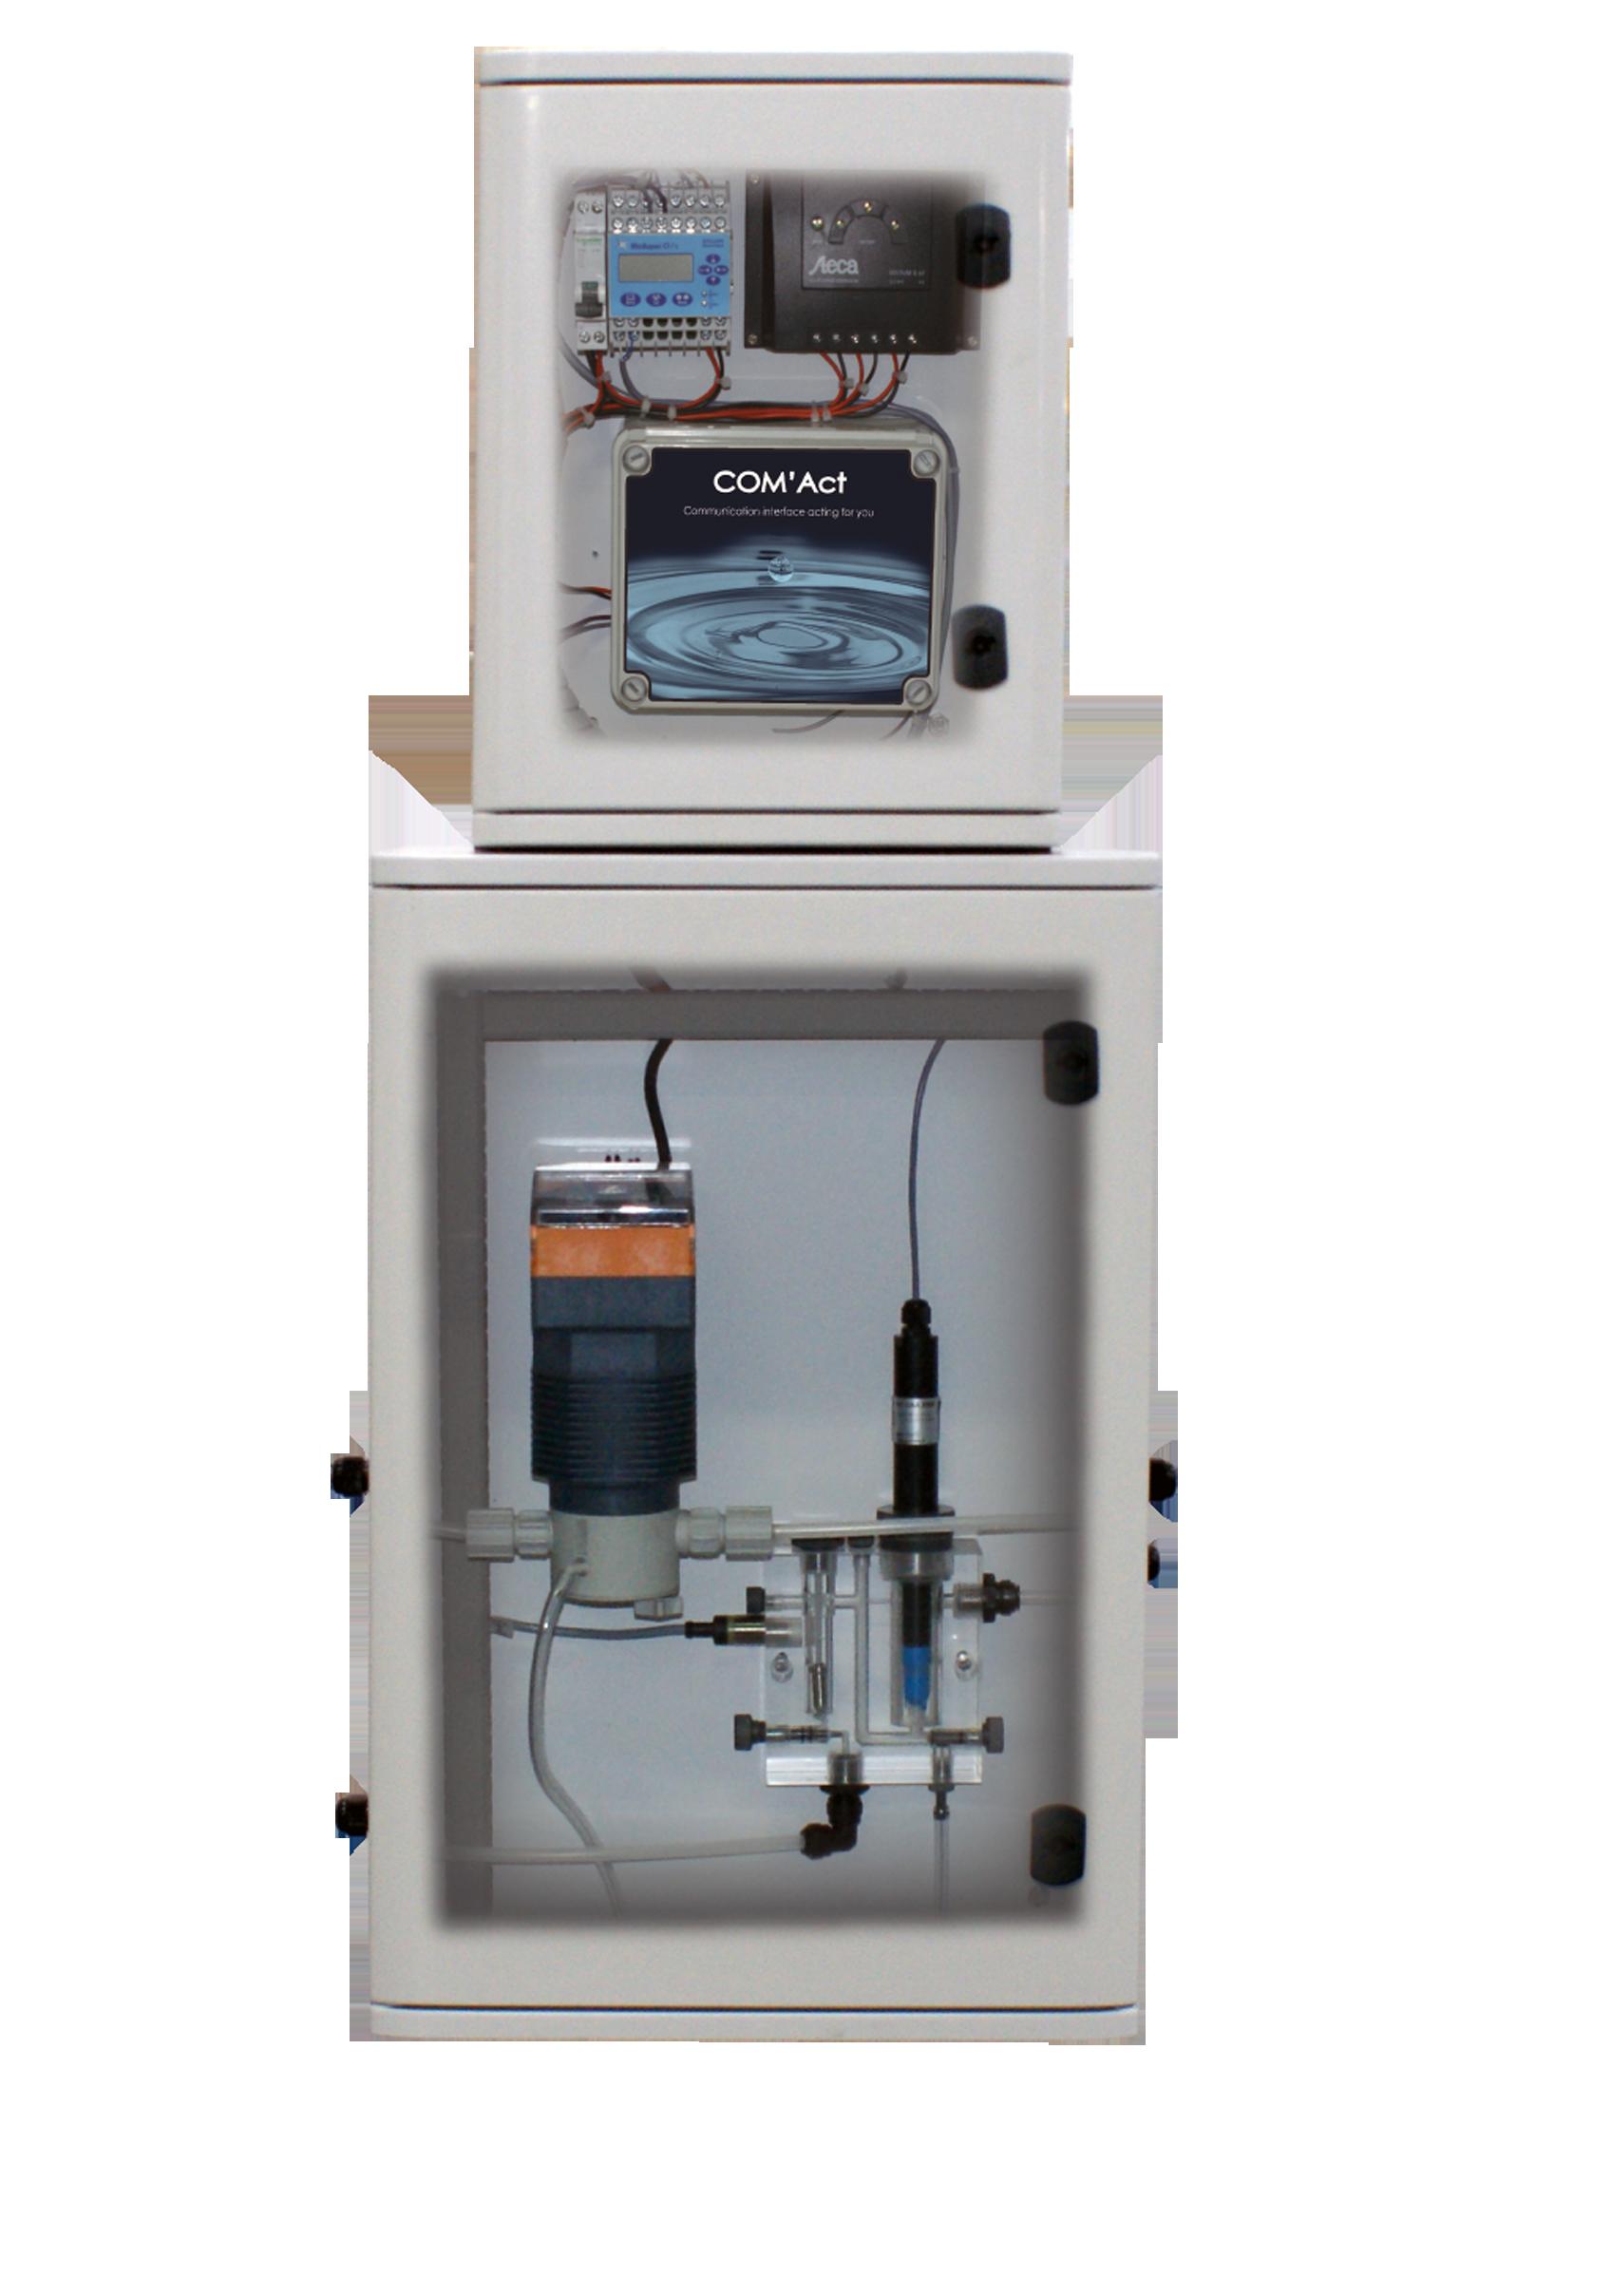 SAWS : analyses et régulations de l'eau pour sites isolés - equipement avec panneaux solaires